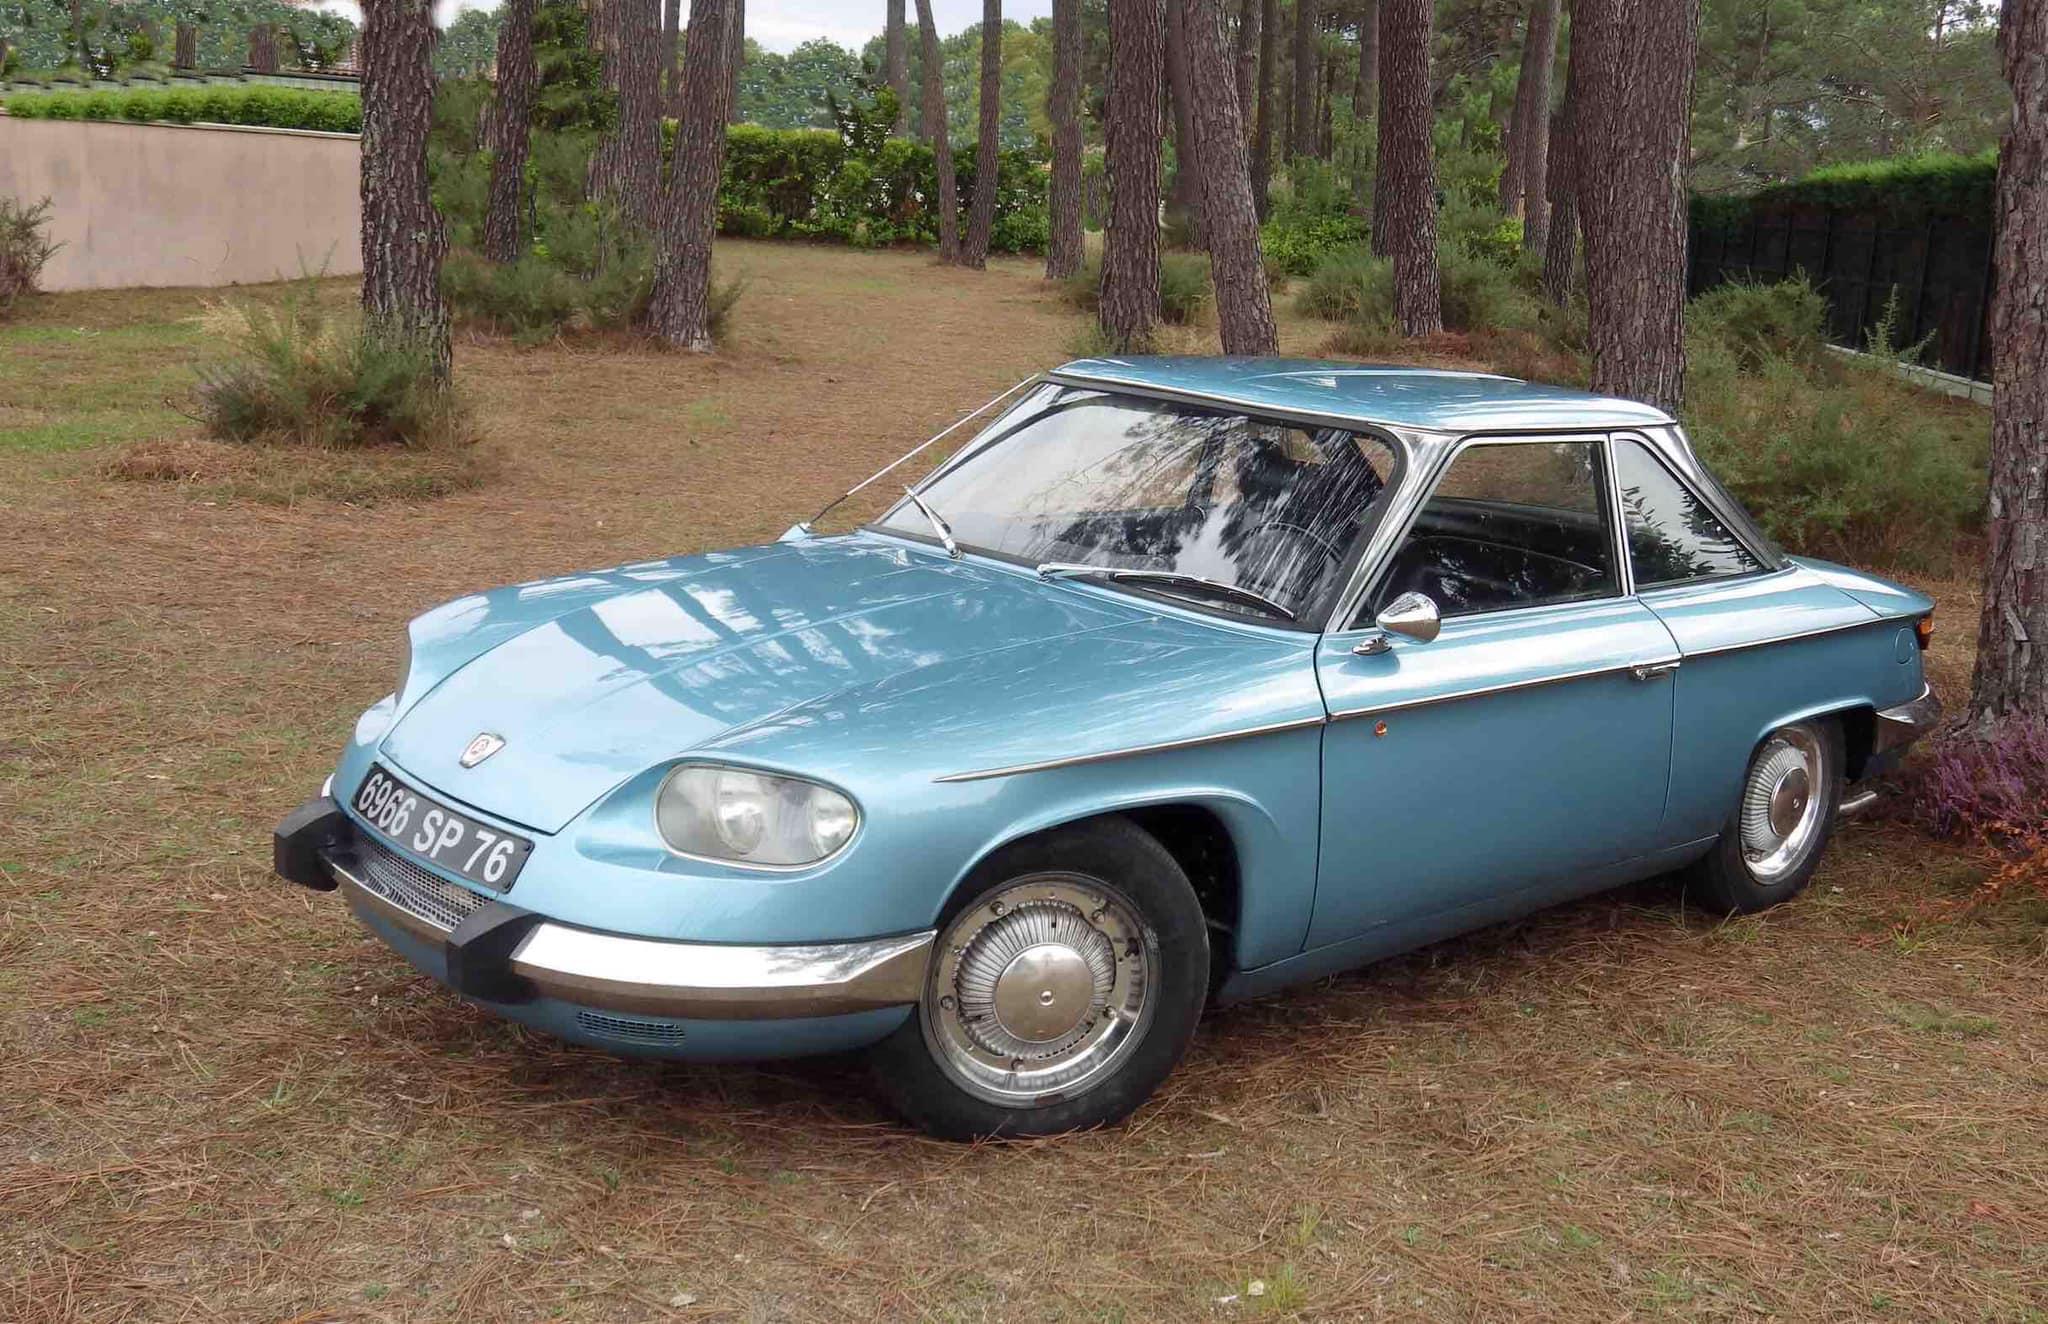 Panhard-24-1964-1967--(1)